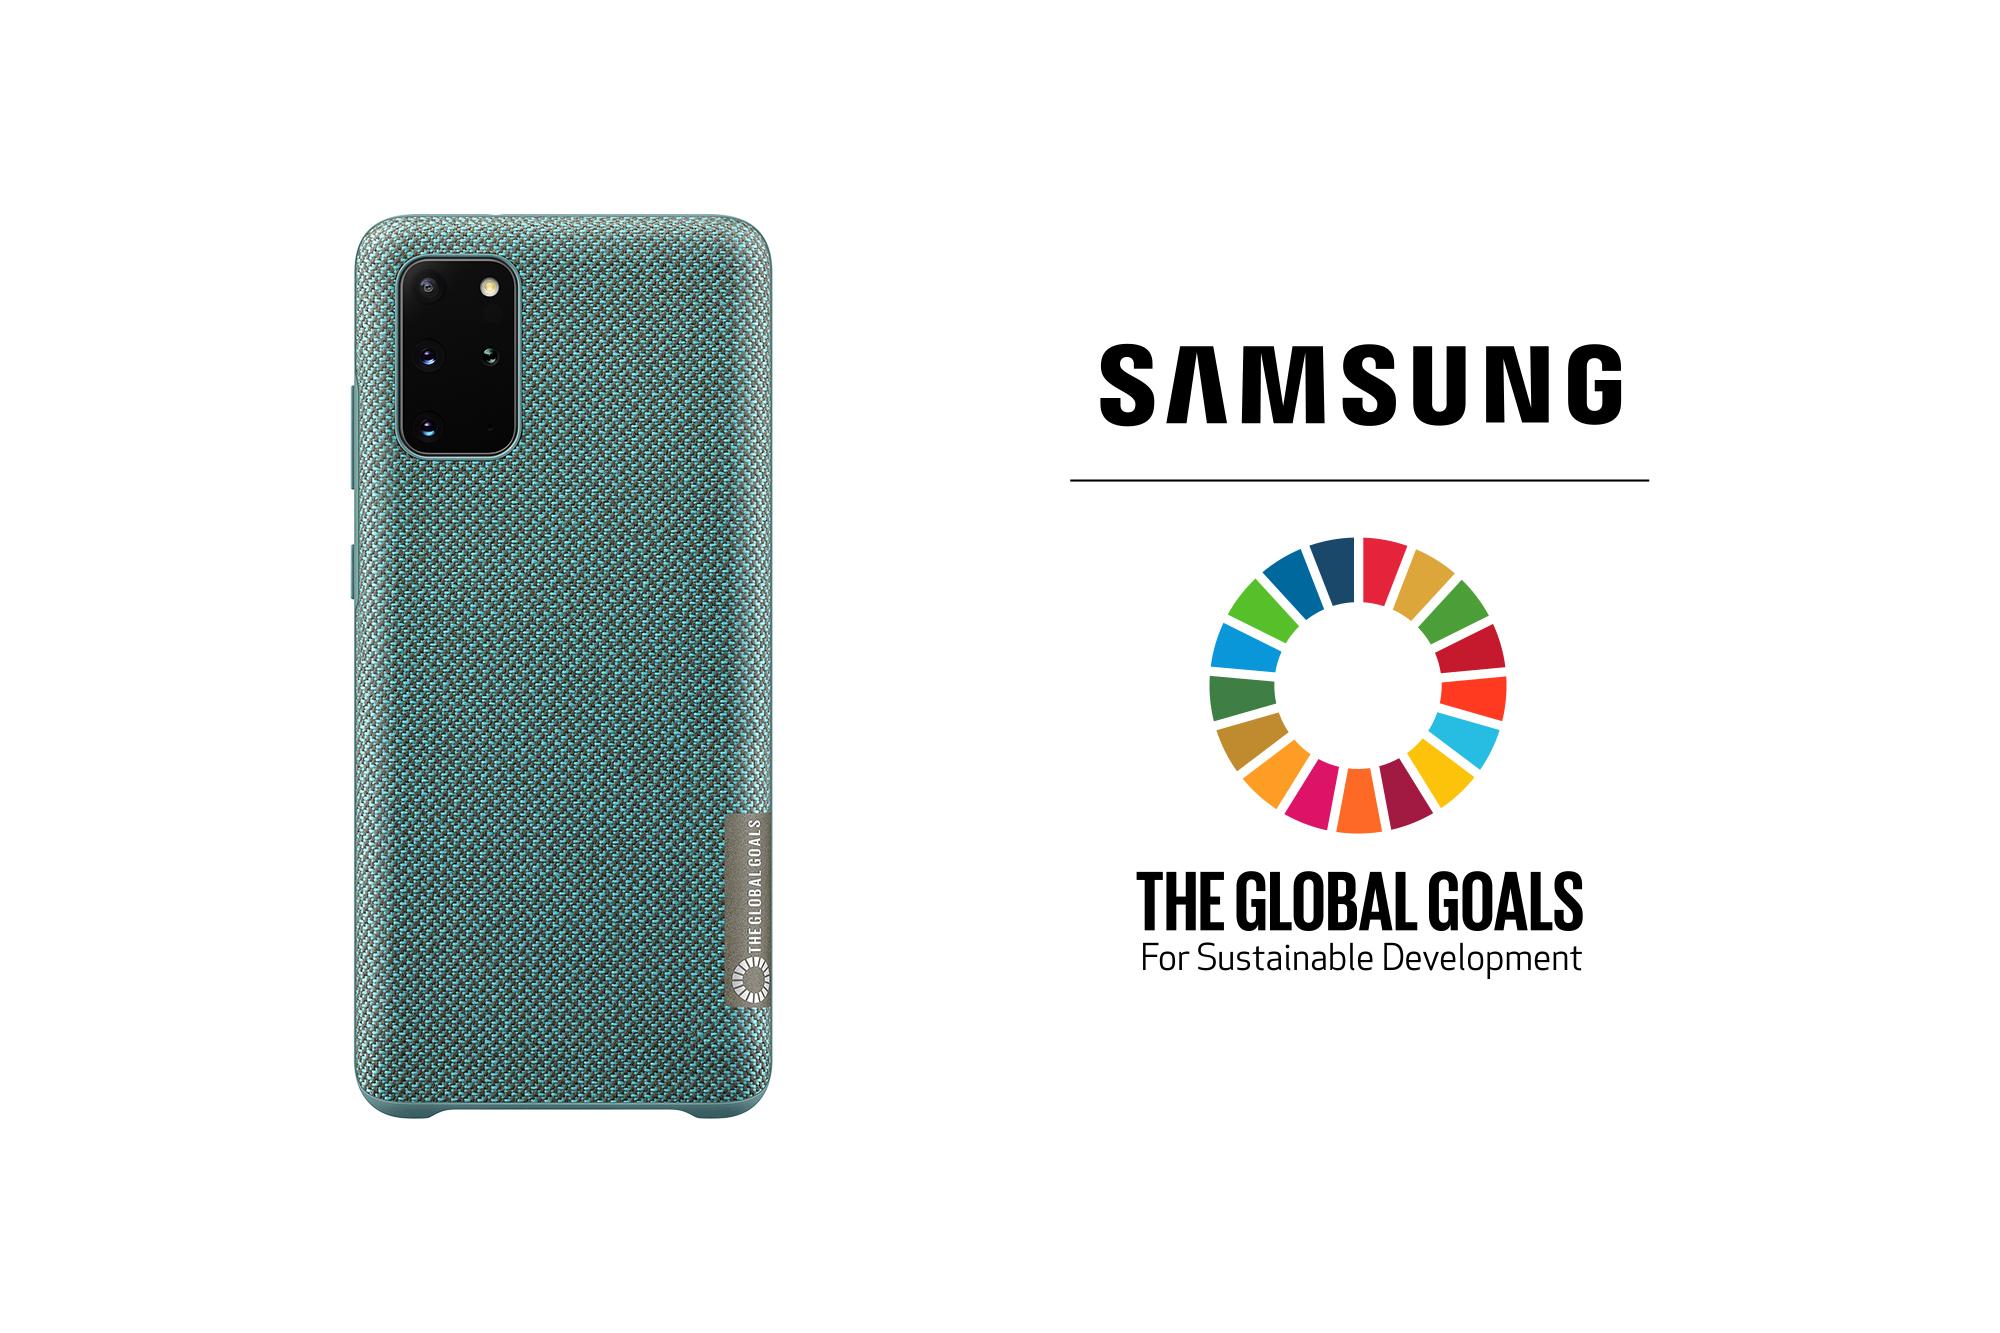 Samsung ra mắt ốp lưng bằng chai nhựa tái chế cho Galaxy S20+, dây vải Kvadrat cho Galaxy Watch Active 2